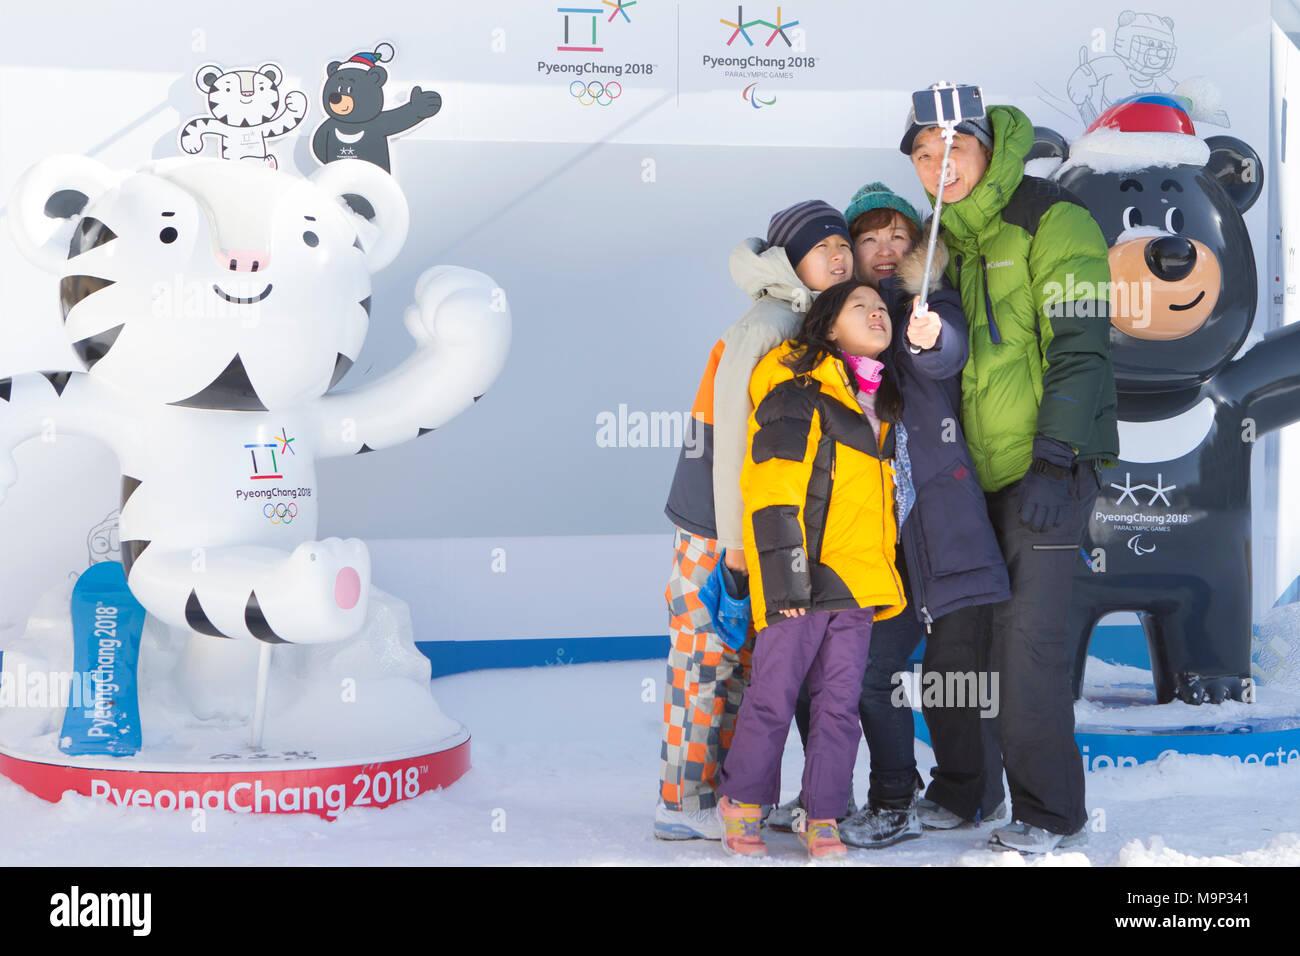 Une famille prend un groupe en selfies Alpensia Resort, avec les deux mascottes (Soohorang Bandabi) et des Jeux olympiques et paralympiques d'hiver de 2018. L'Alpensia Resort est une station de ski et une attraction touristique. Il est situé sur le territoire du canton de Daegwallyeong-myeon, dans le comté de Pyeongchang, hébergeant les Jeux Olympiques d'hiver en février 2018. La station de ski est à environ 2,5 heures à partir de l'aéroport d'Incheon à Séoul ou en voiture, tous principalement d'autoroute. Alpensia possède six pistes de ski et snowboard, avec fonctionne jusqu'à 1.4 km (0,87 mi) long, pour les débutants et les skieurs avancés, et une Photo Stock